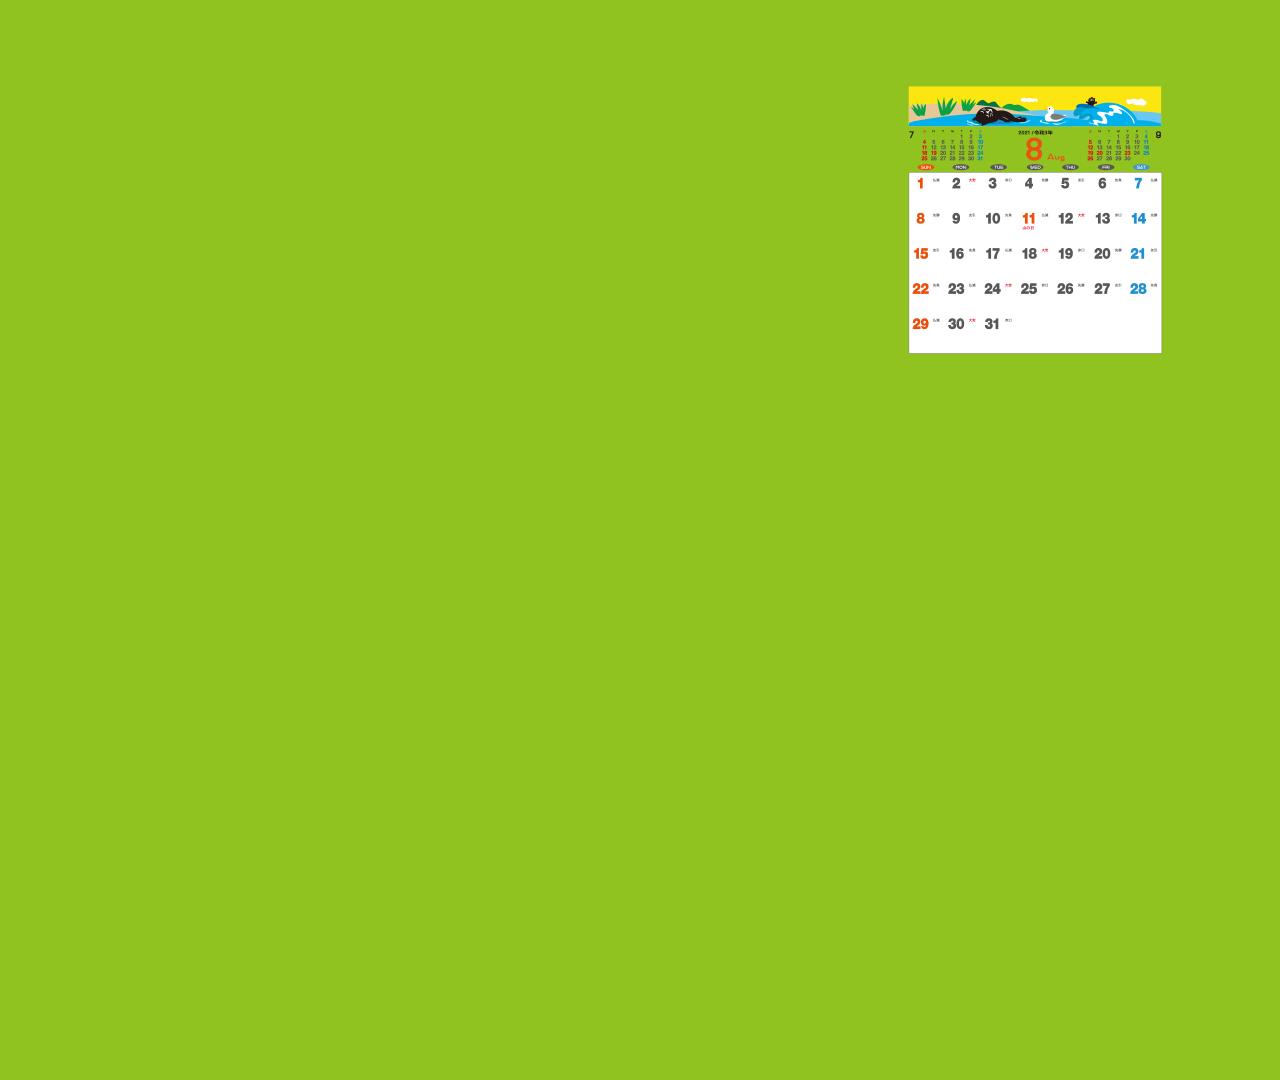 アスパルオリジナル壁紙カレンダー(8月)